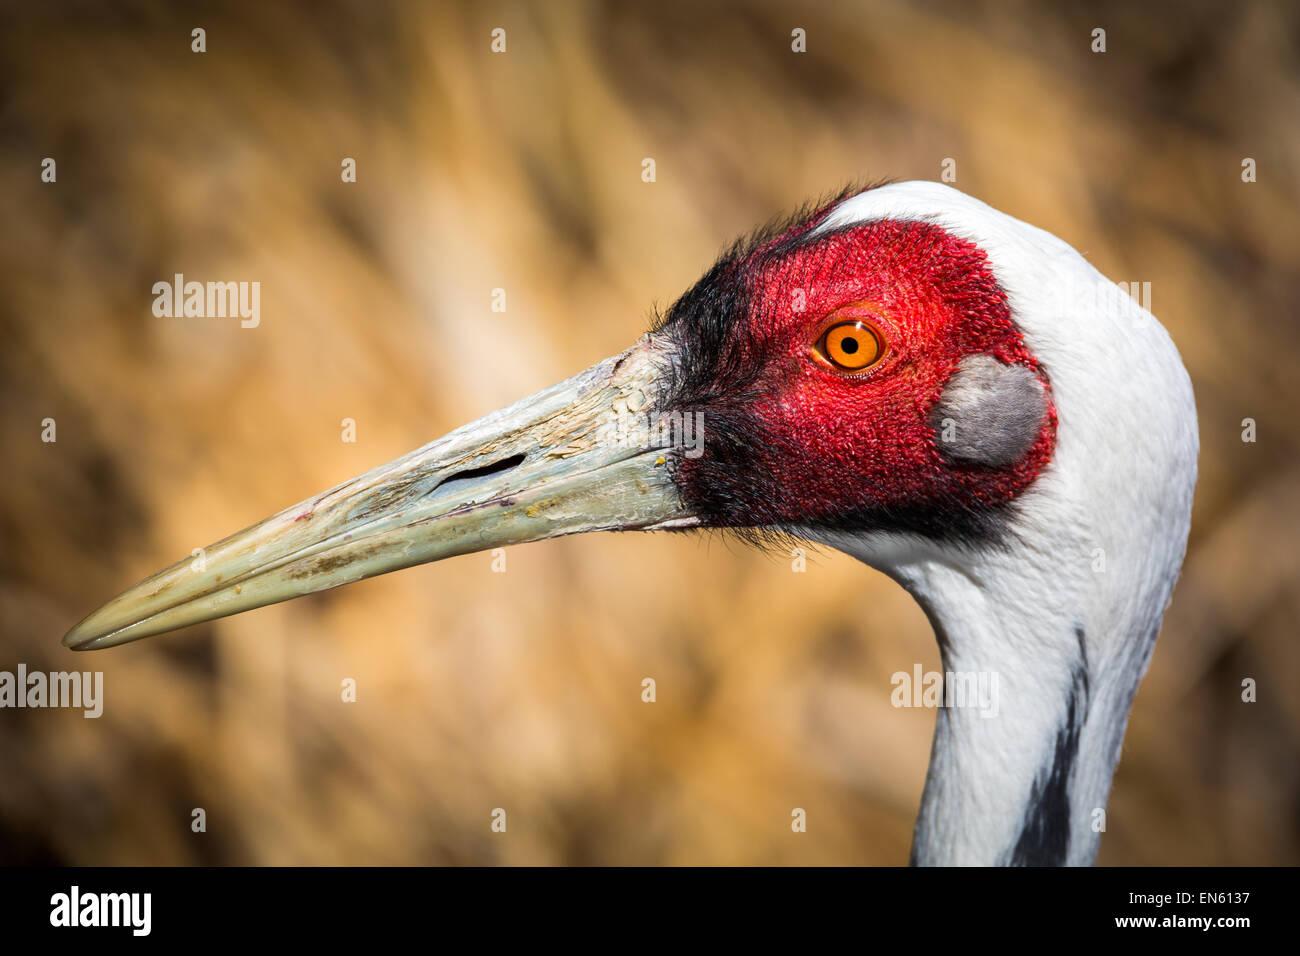 Retrato masculino de sarus Crane. La grulla sarus (Grus antigone) es el ave que vuela más alto. Imagen De Stock